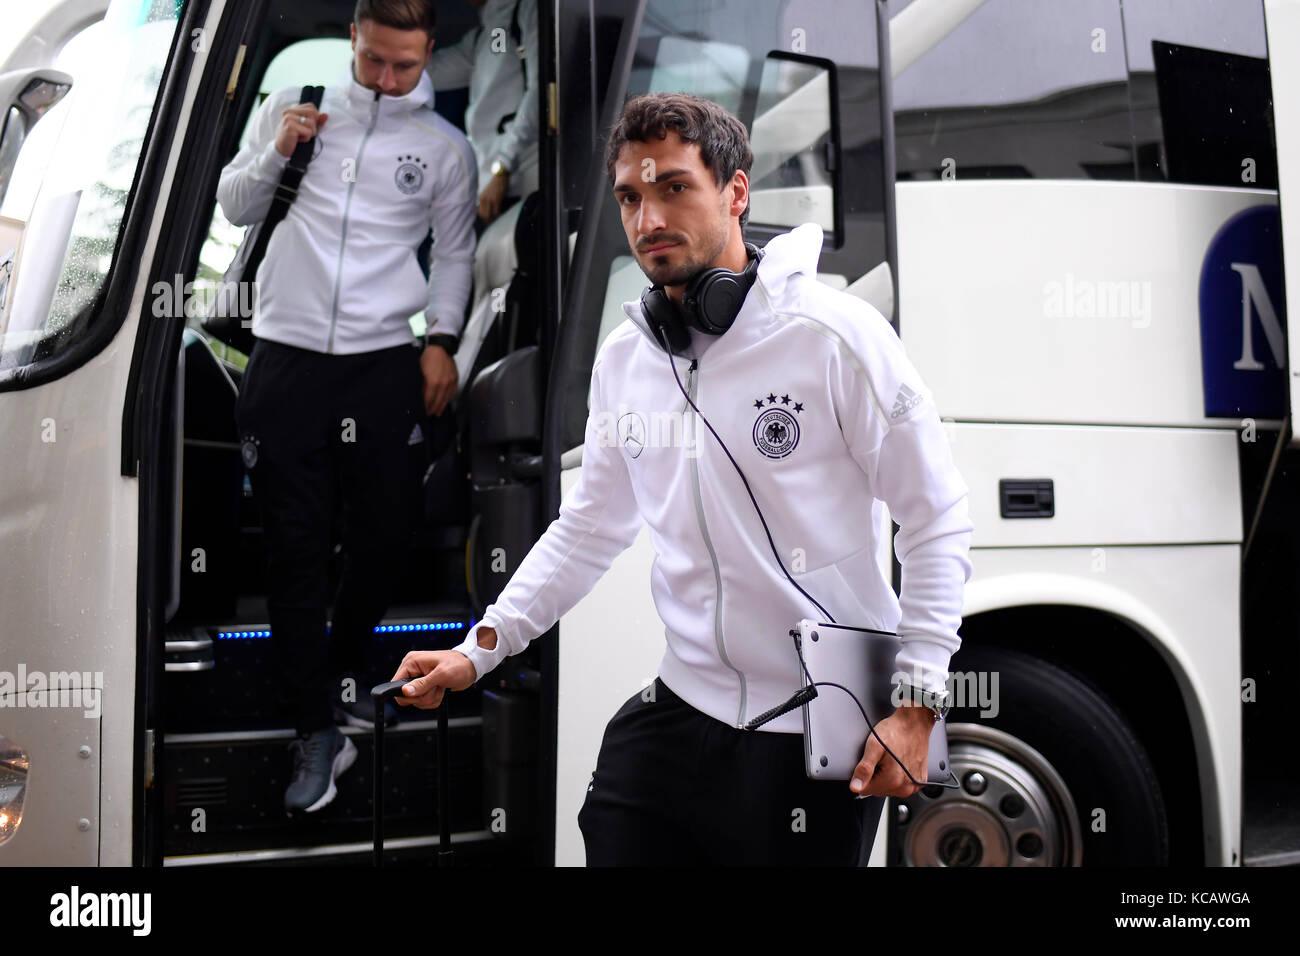 Shkodran Mustafi Germany L Mats Hummels Germany R